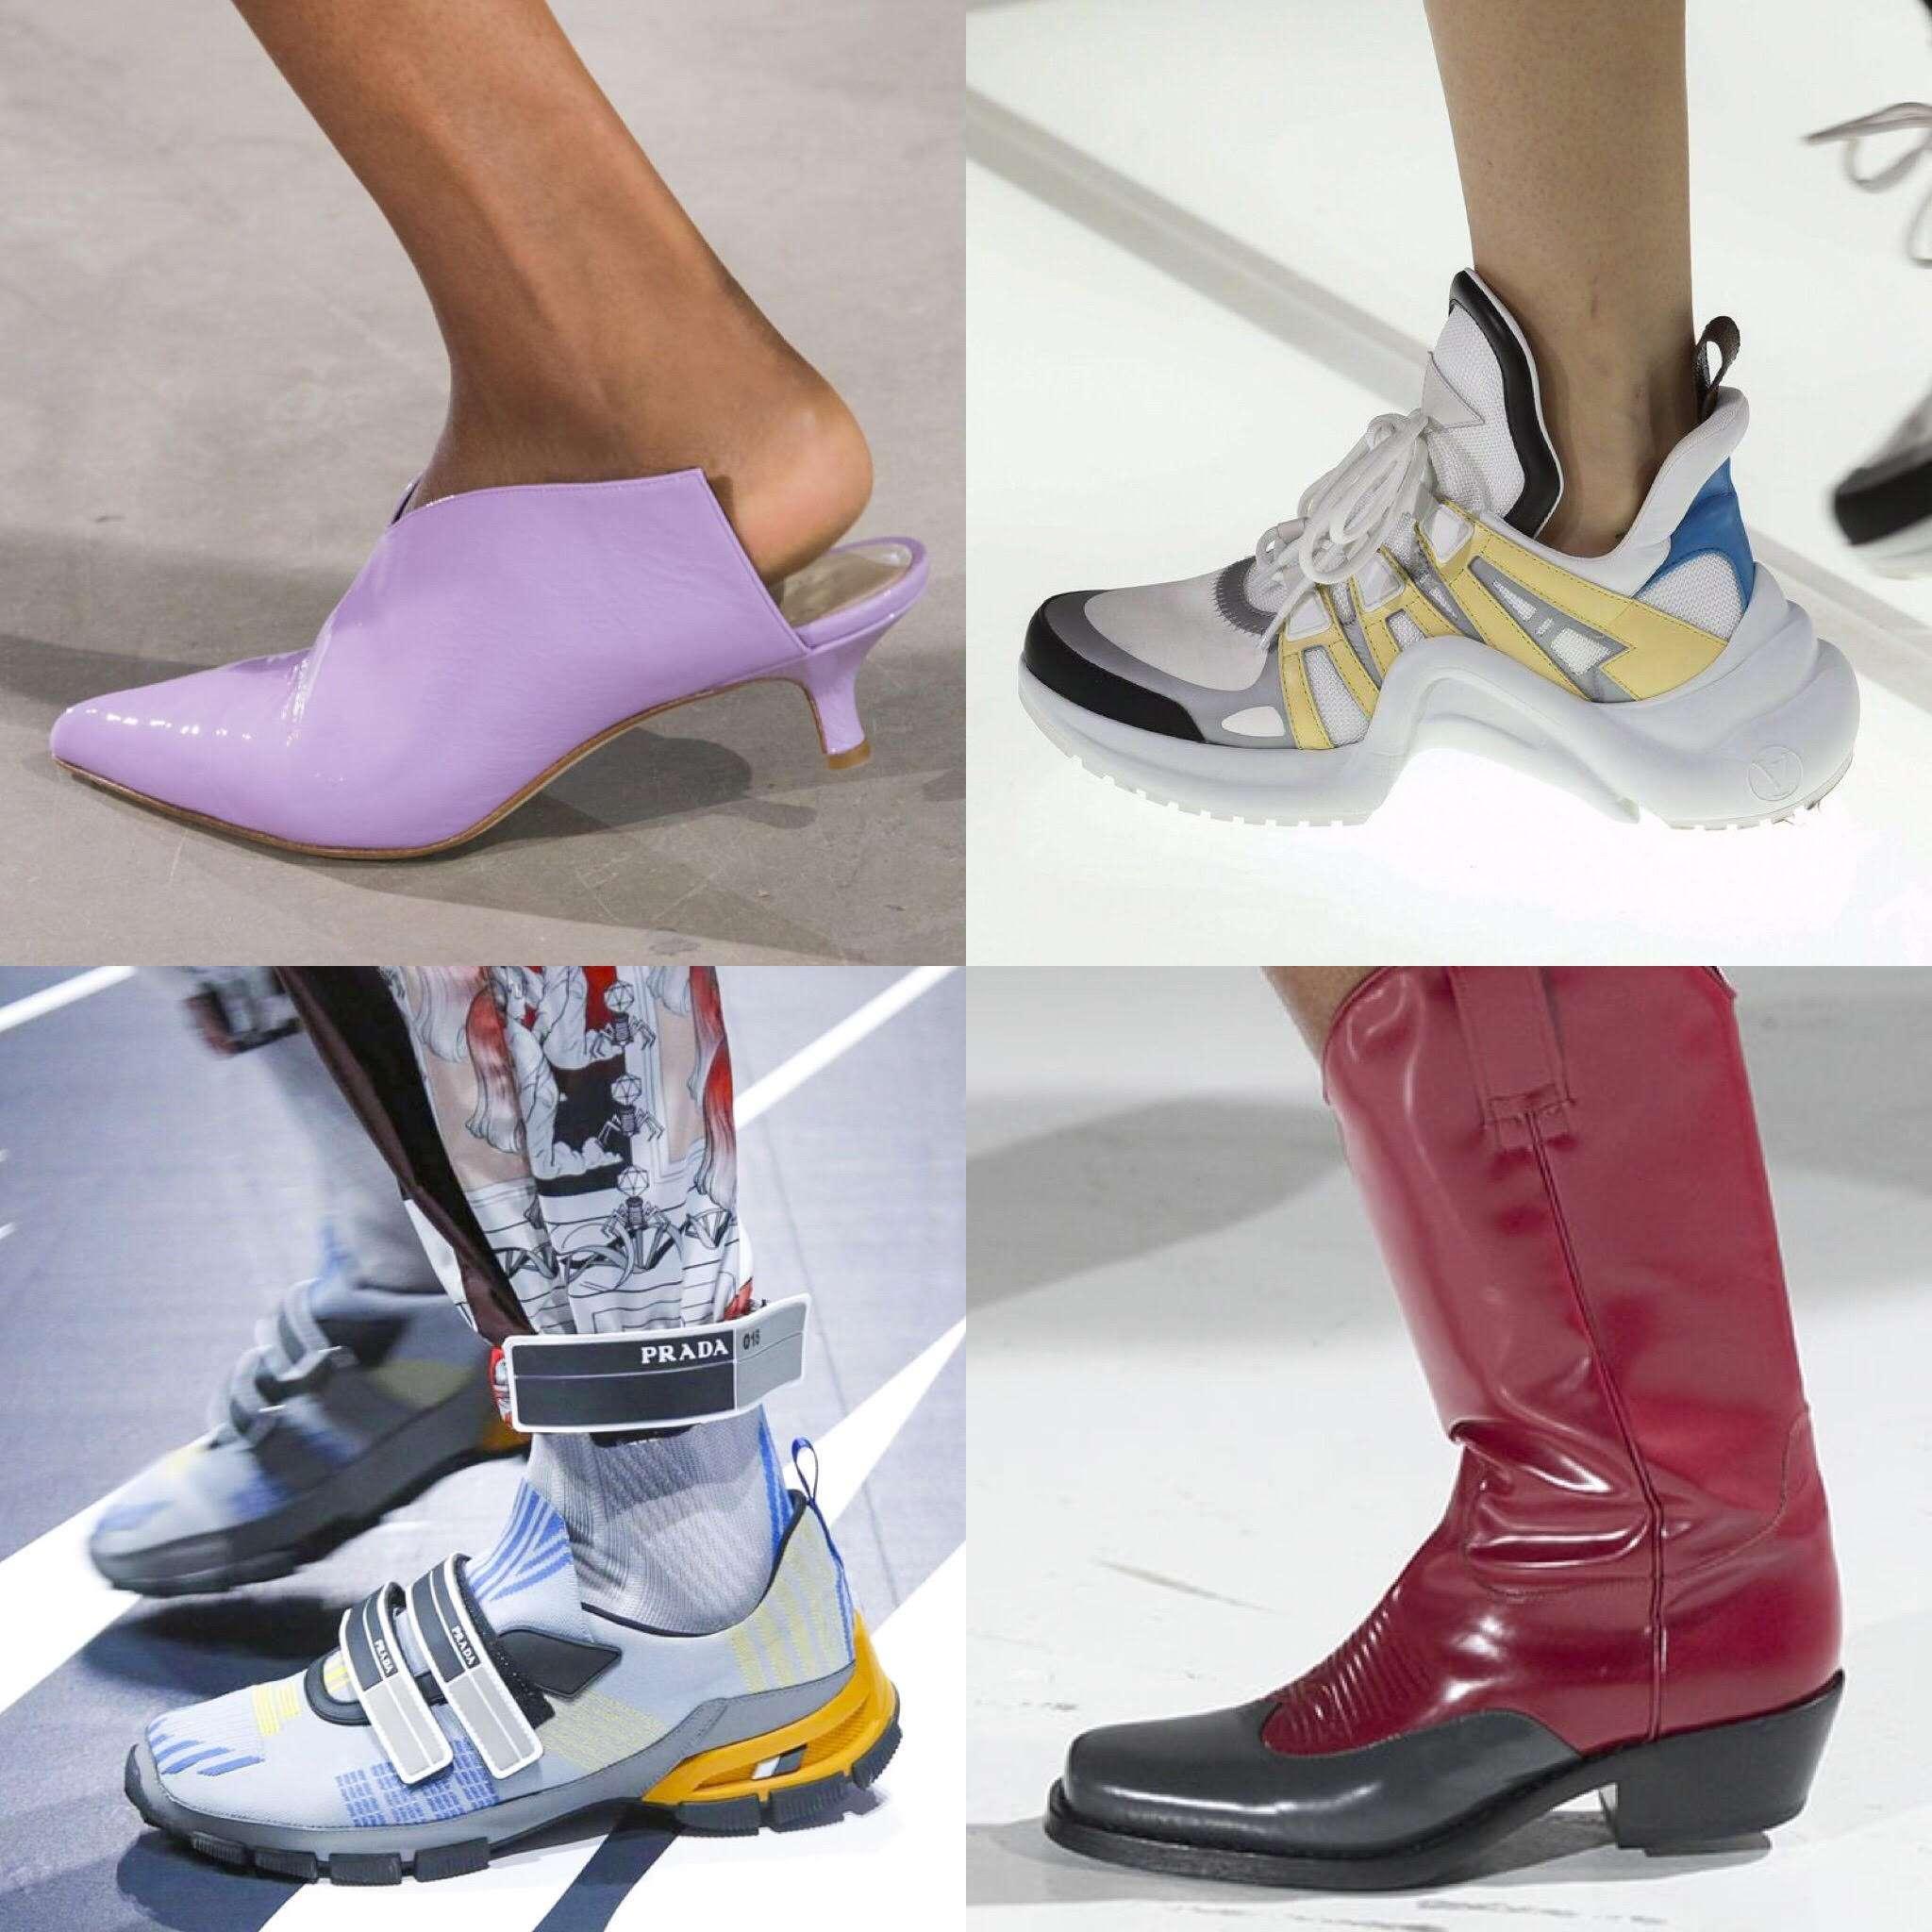 Модная обувь 2018. Какая обувь будет в тренде весной?